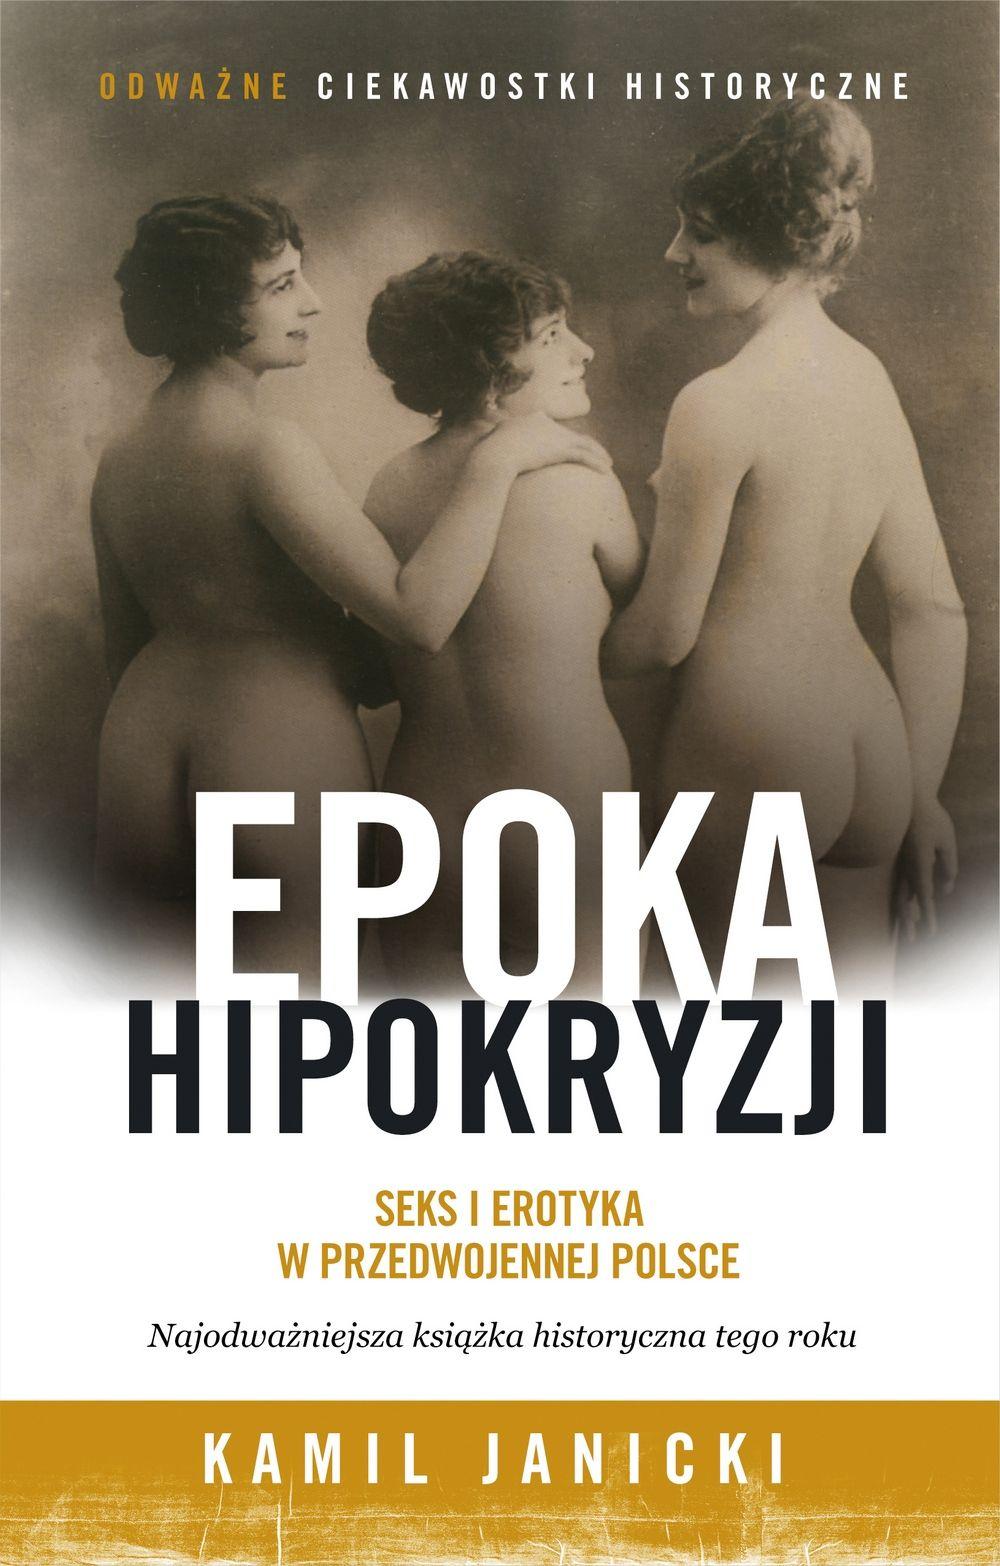 """Pierwsza książka pod marką """"Ciekawostek historycznych""""! Kliknij, by kupić ją ze świetnym rabatem."""